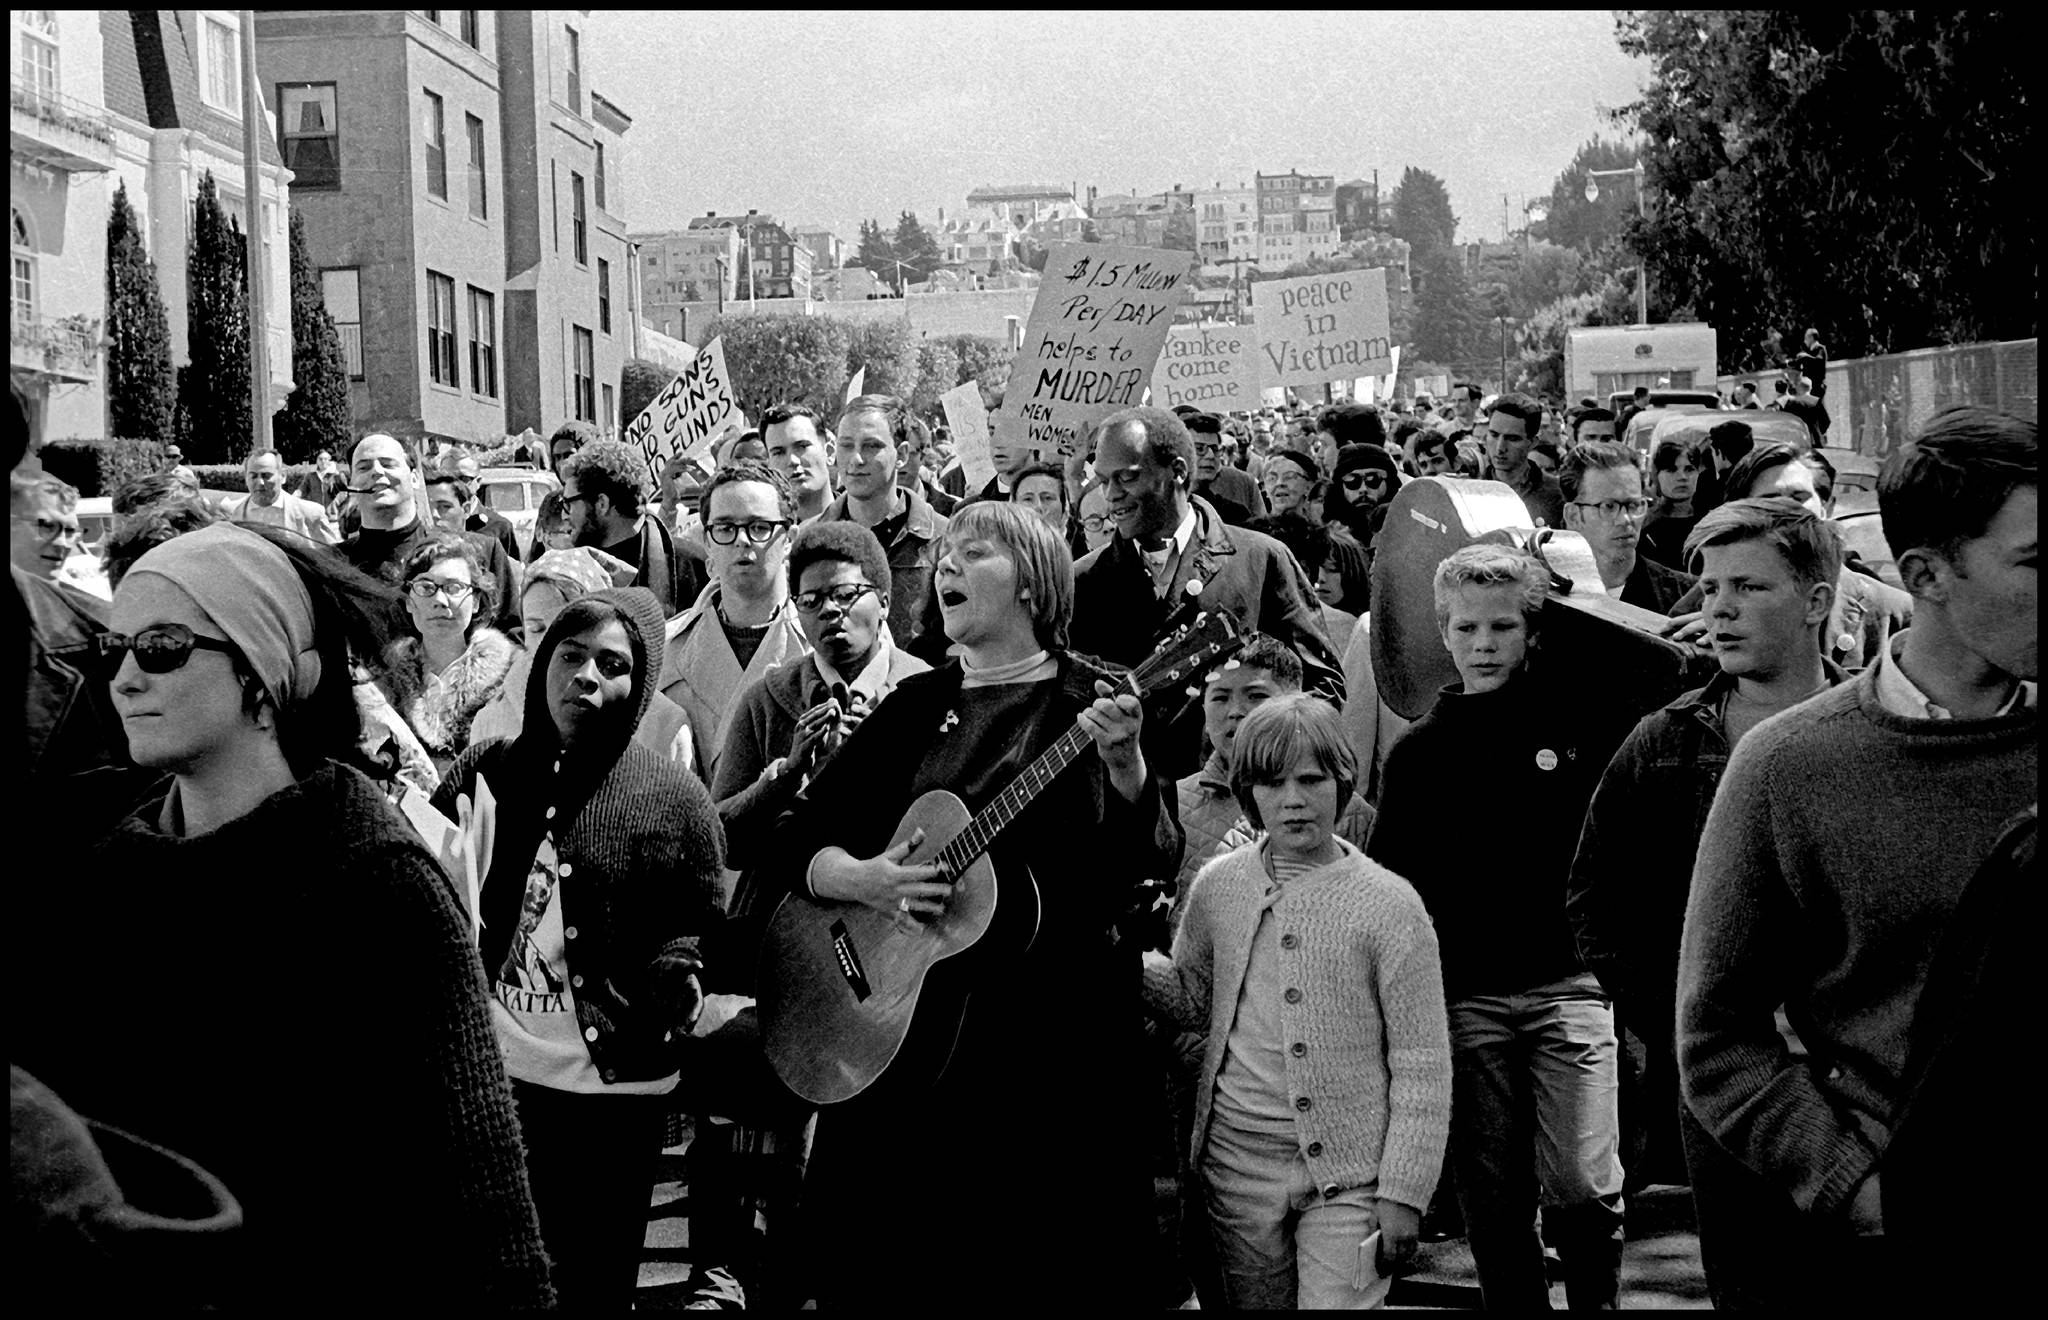 1967년 헤이트 거리를 행진하는 사람들. [사진 샌프란시스코관광청]